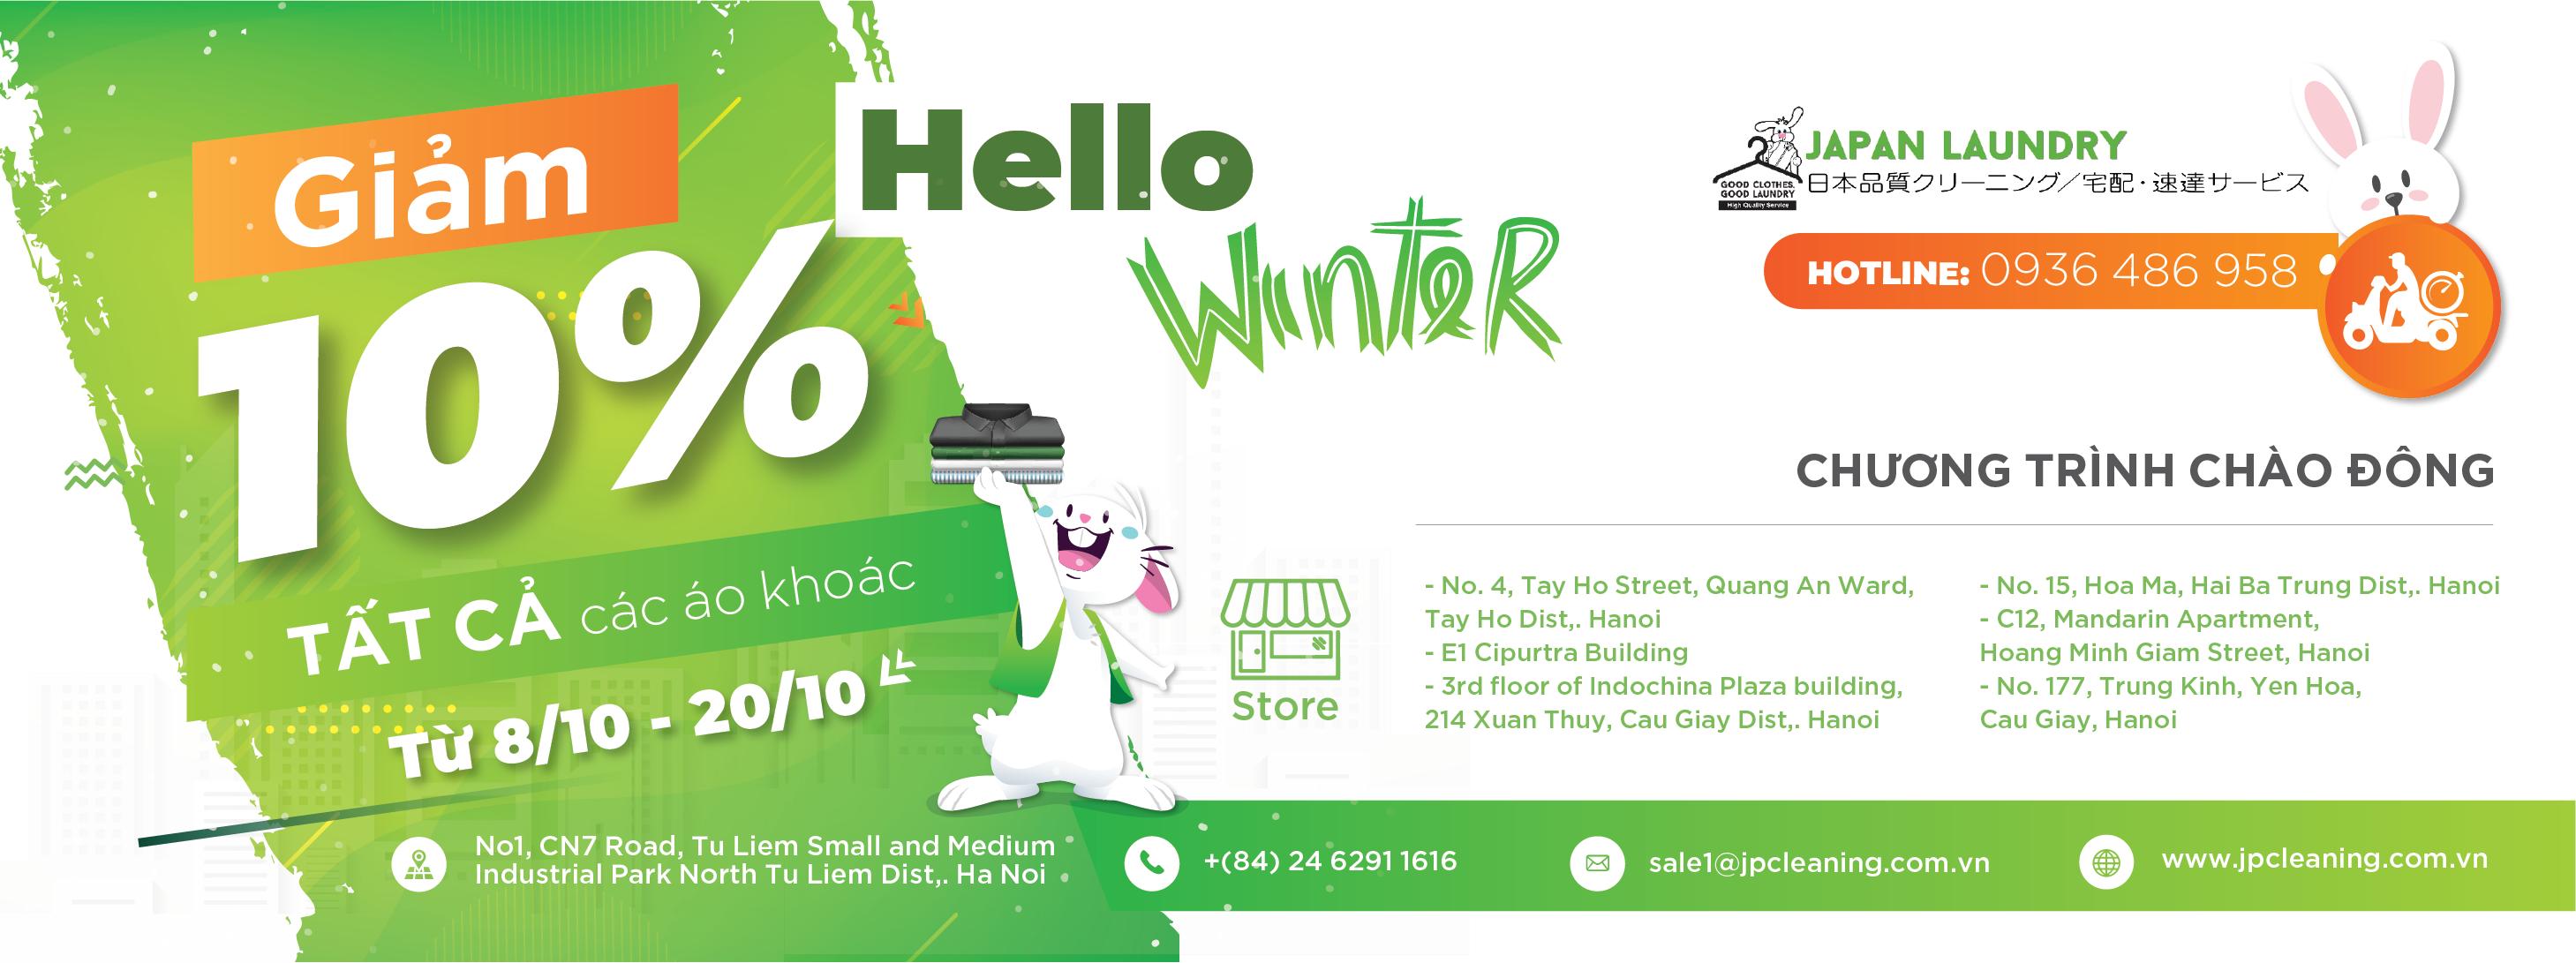 Hello Winter Giặt là Nhật Bản giảm 10% tất cả các áo khoác từ 8/10 đến 20/10